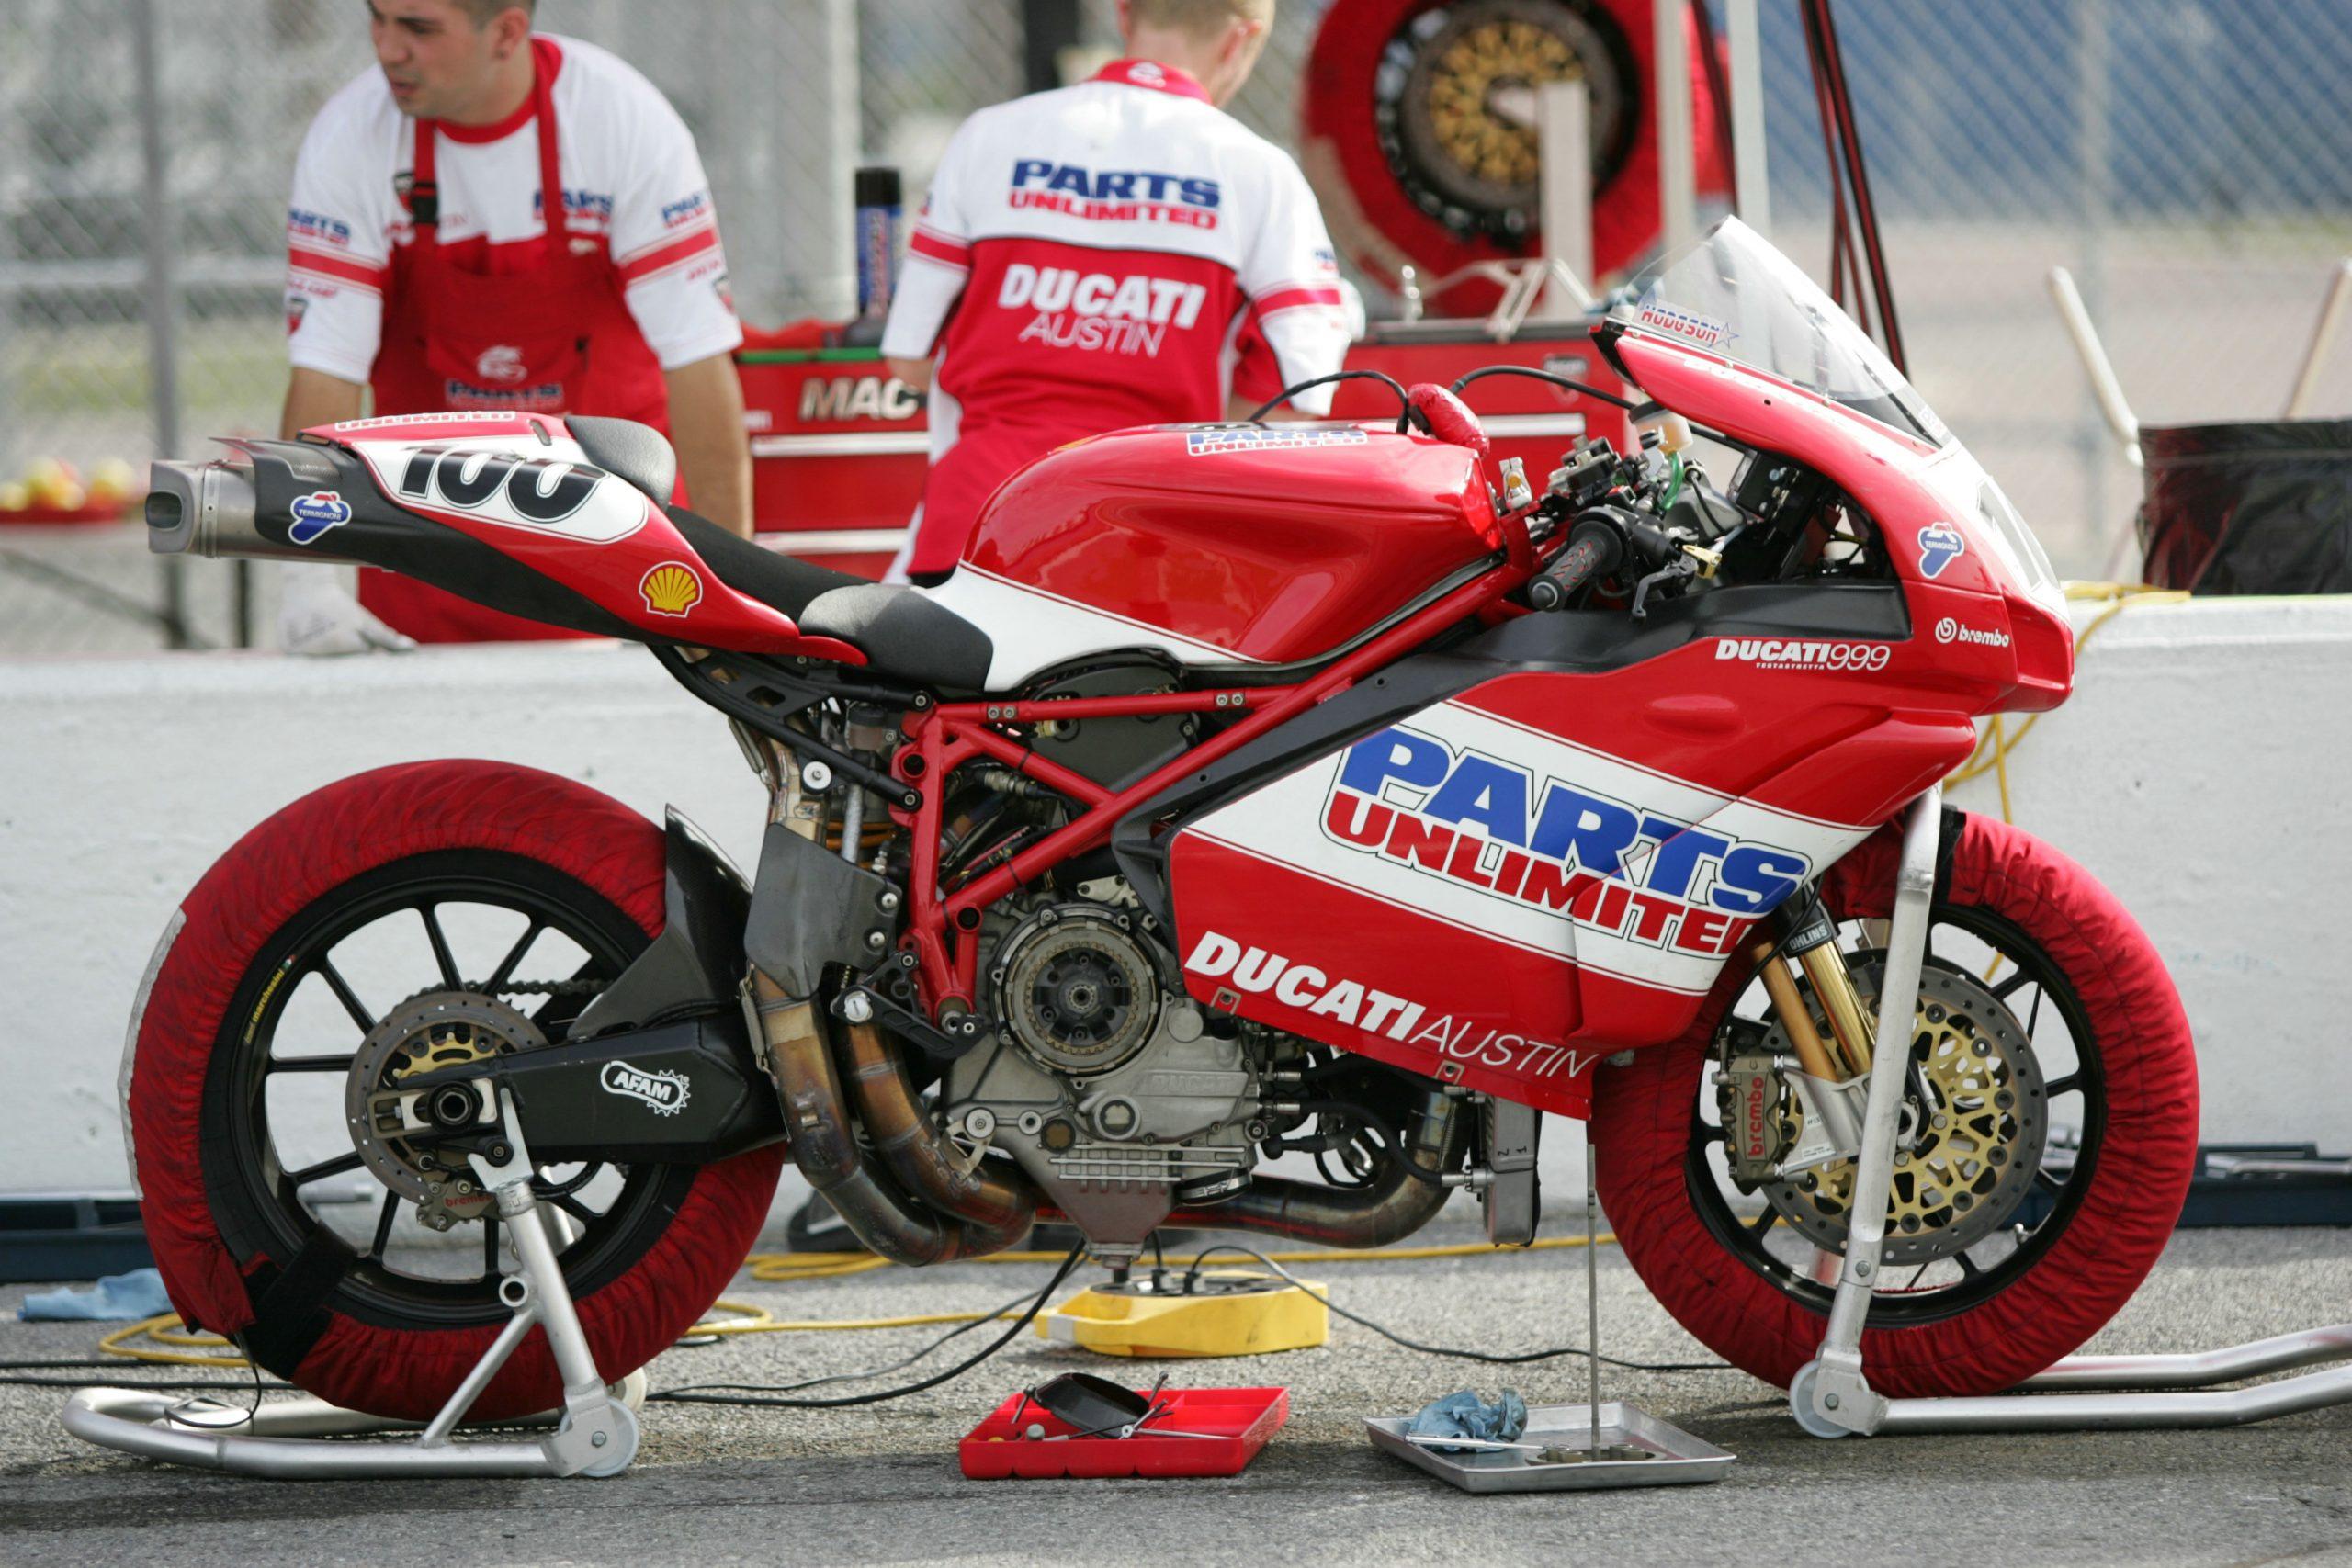 999, superbike, motor